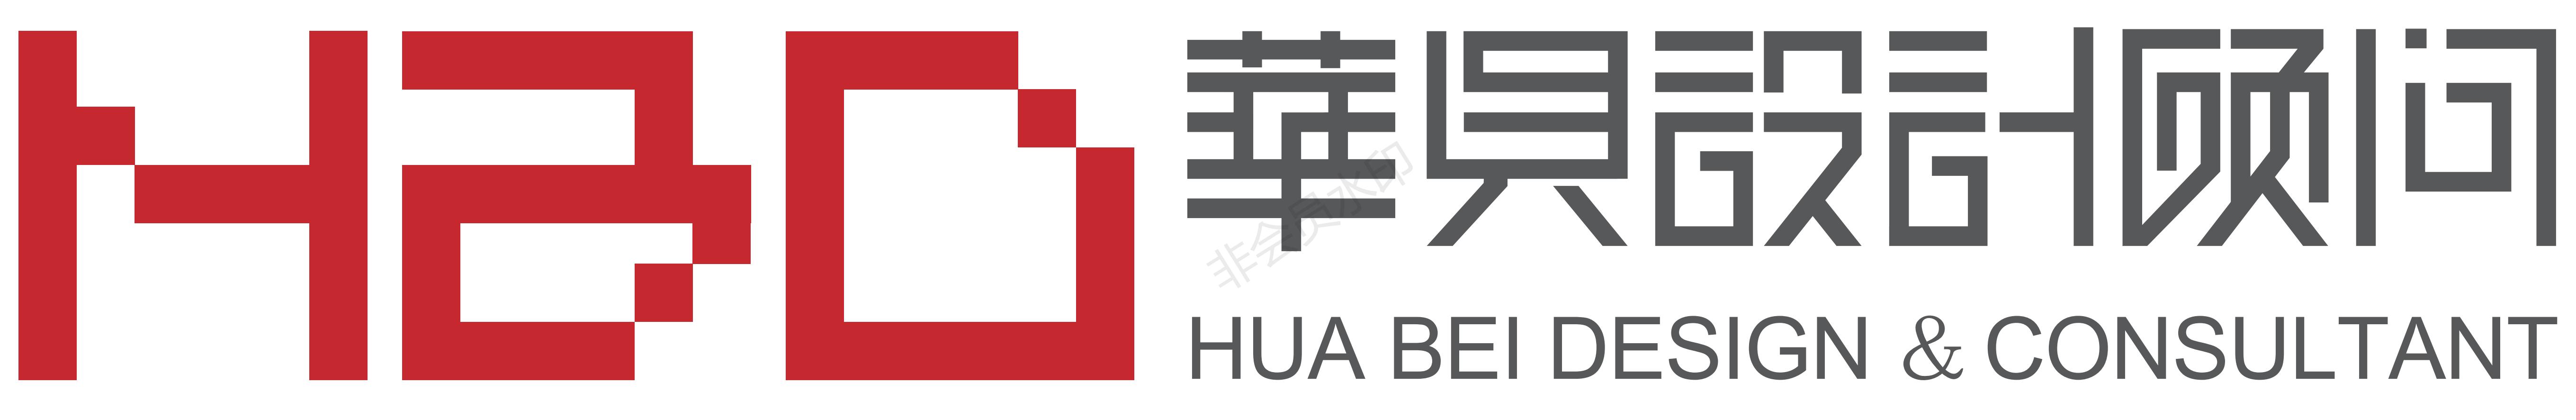 HBD华贝设计_室内空间设计,酒店空间设计,空间设计,室内装饰设计